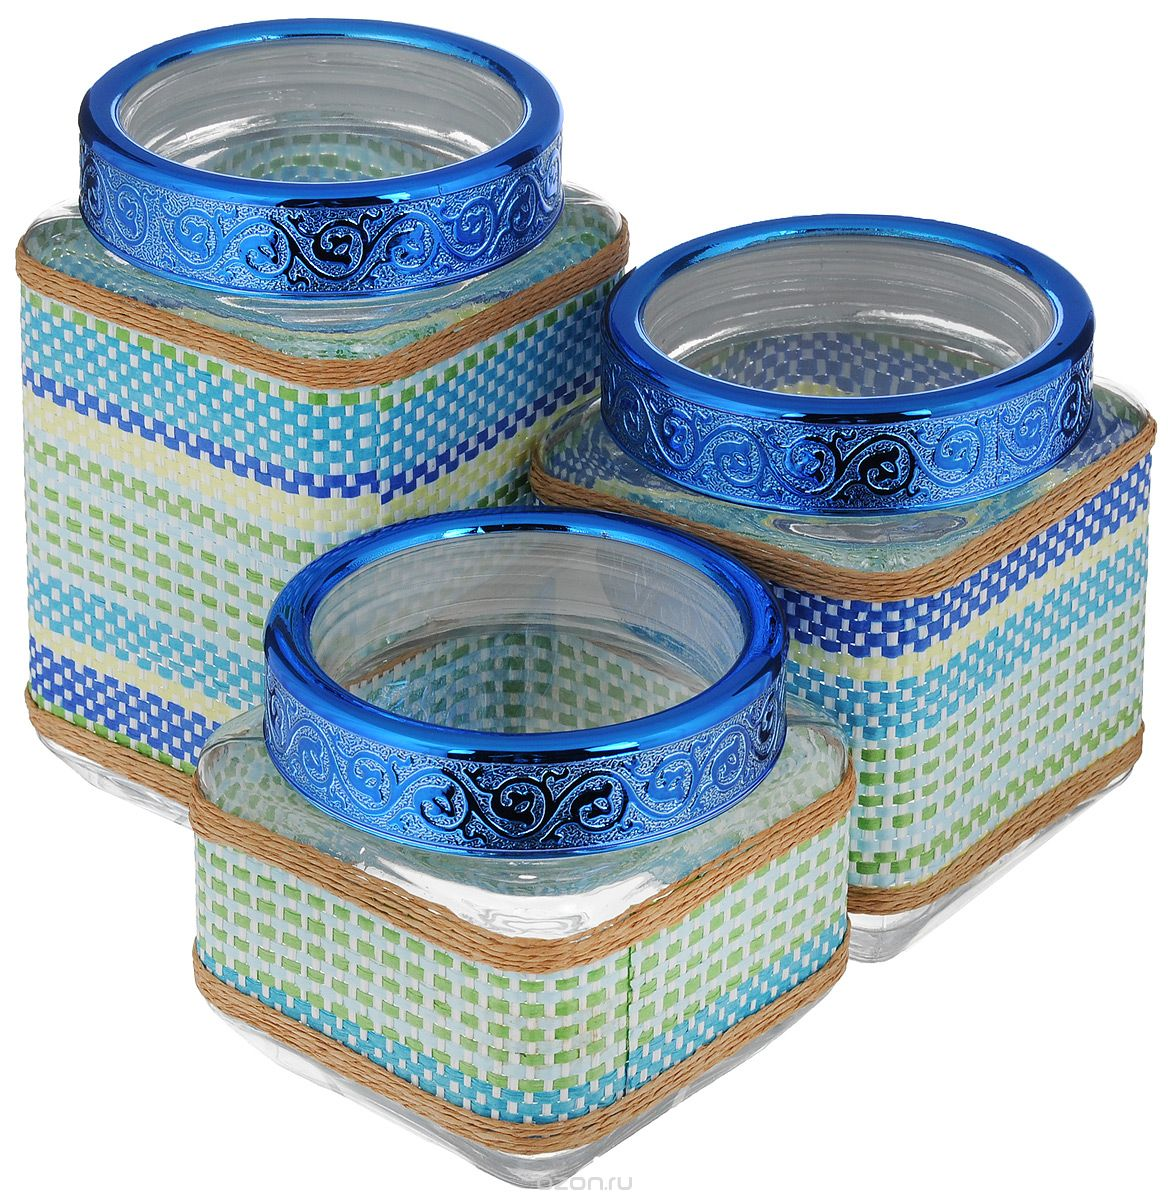 Набор банок для сыпучих продуктов Mayer & Boch, 3 шт25513Набор Mayer & Boch состоит из трех банок разного объема, предназначенных для хранения сыпучих продуктов. Банки выполнены из высококачественного стекла и декорированы оригинальными вставками из соломы и полиуретана. Крышки из АБС пластика декорированы изысканным рельефом. Банки прекрасно подходят для круп, орехов, сухофруктов, чая, кофе, сахара и других сыпучих продуктов. Герметичное закрытие позволяет сохранить продукты свежими. Оригинальный необычный дизайн стильно дополнит интерьер кухни. Такой набор станет желанным подарком для любой хозяйки. Объем банок: 770 мл, 1,15 л, 1,6 л. Размер банок: 11 х 11 х 11 см; 11 х 11 х 15 см; 11 х 11 х 19 см.